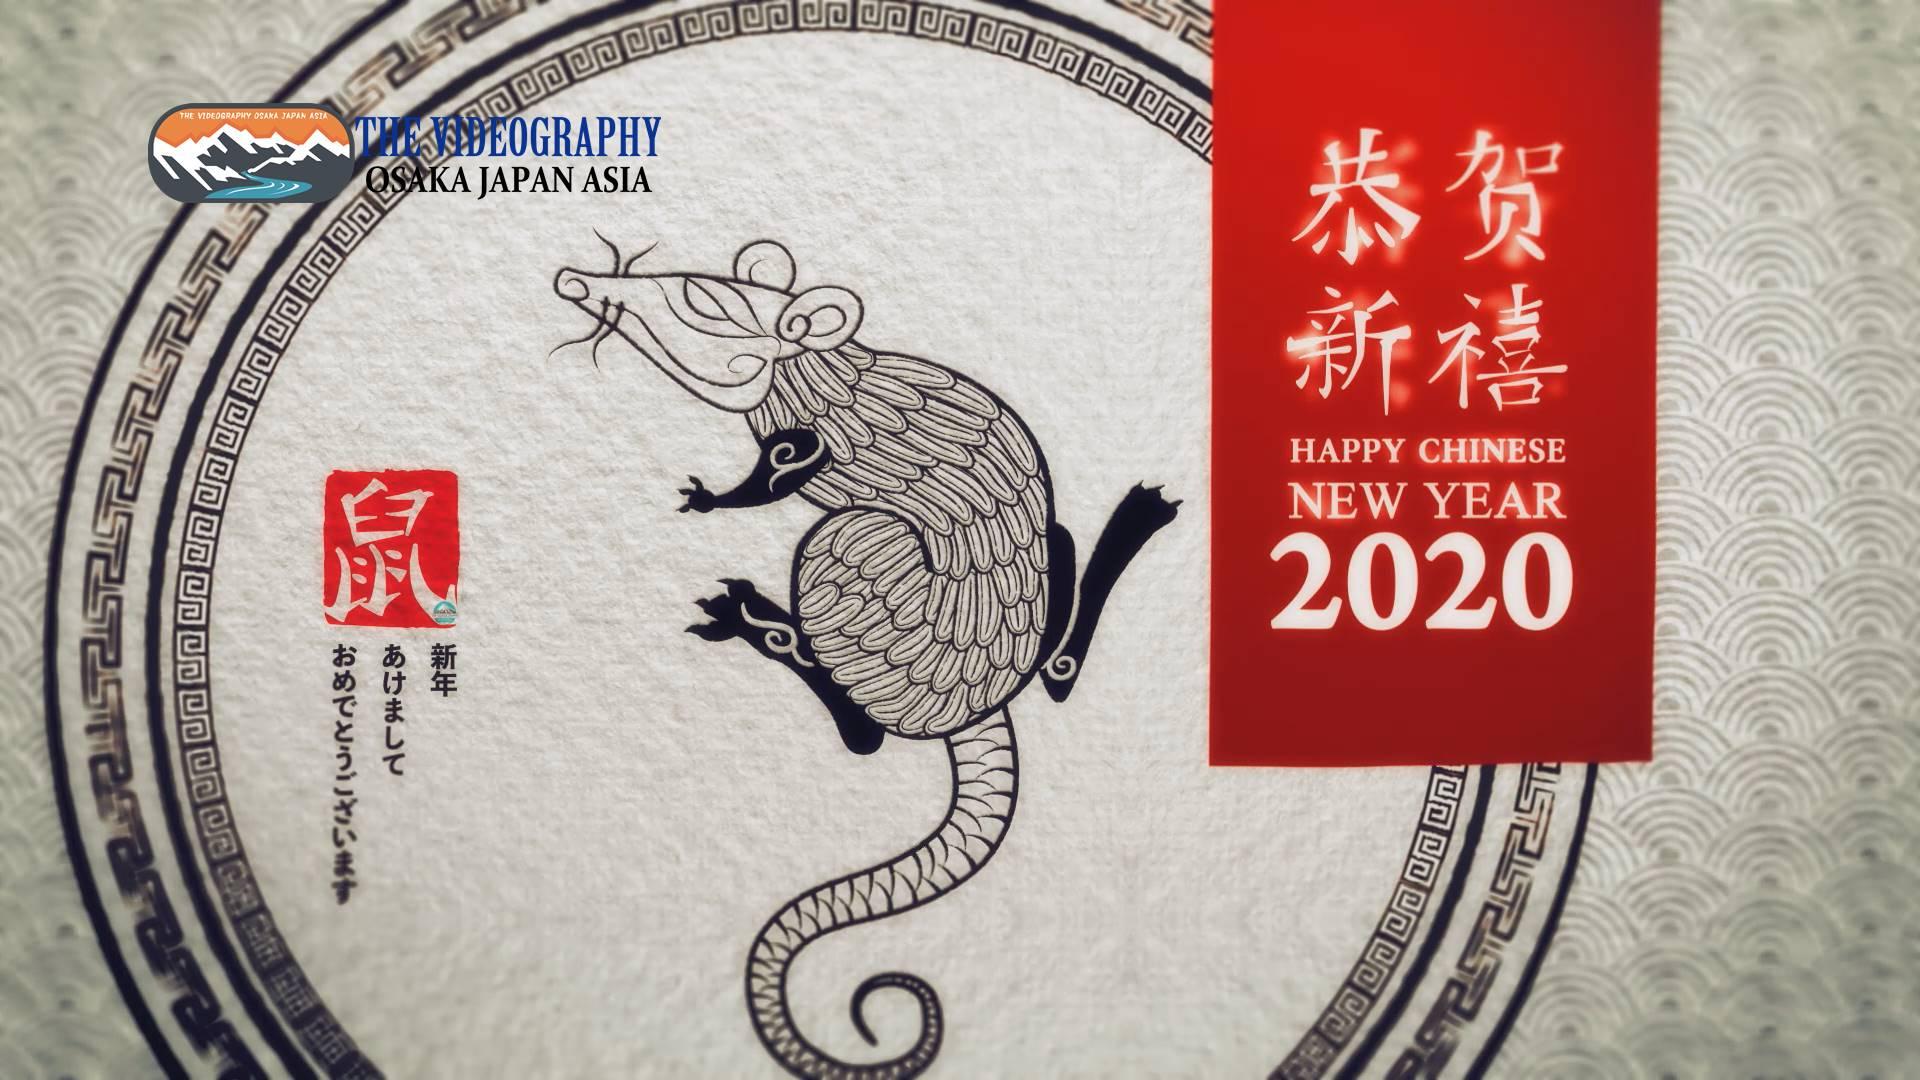 祝你新年好! 中国 旧正月 春節 春节 2020年 令和2年 子年の新年オープニングムービー Happy Chinese New Year 2020 Reiwa 2.  The Year of the Rat. 2020年 令和2年の干支は子年(ねずみどし)。 Lunar New Year 2020. 中国旧正月・春節は2020年 令和2年 1月25日 土曜日。 VG Philosophy  Trek the Right Way!  Your Friendly Neighborhood, THE VIDEOGRAPHY  正しい道を歩め  あなたの親愛なる隣人 ビデオグラフィ.  THE VIDEOGRAPHY OSAKA, JAPAN, ASIA / ビデオグラフィ 大阪市 東京都 横浜市 名古屋市 神戸市 京都市 奈良市 福岡市 広島市 日本 アジア。 ビデオグラフィ - 映像制作 ビデオ撮影 映像編集 プロモーションビデオ YouTube動画 PV PR映像 ライブ配信/動画ストリーミング配信代行 ネット番組制作 イベントDVD作成 動画コマース/デジタル動画マーケティング フォトスライドショー/フォトムービー作成  Produced by Videographer/ビデオグラファー・Video Journalist ビデオジャーナリスト 映像クリエイター 動画エディター。  ダンス発表会 ピアノ演奏会 舞台 演劇 ミュージカル セミナー 講演会 インタビュー 運動会  スポーツイベント ライブ プロダクトローンチやブランディング動画 プレゼンテーションのプロモーション用YouTube動画制作から、幼稚園 小学校の入学式 卒業式や音楽ライブの映像制作/出張ビデオ撮影を承ります。 結婚式(挙式 披露宴 二次会 パーティー)のプロフィールムービー オープニングビデオ 生い立ち動画 サプライズビデオレター 余興ムービーや誕生日など各イベント用写真スライドショー動画制作/映像編集なども対応致します。 【対応エリアは47都道府県】 東京都 大阪府大阪市 神奈川県横浜市 千葉県 愛知県名古屋市 北海道札幌市 福岡県博多市 青森県 岩手県盛岡市 宮城県仙台市 秋田県 山形県 福島県 茨城県水戸市 栃木県宇都宮市 群馬県前橋市 埼玉県 新潟県 富山県 石川県金沢市 福井県 山梨県 長野県松本市 岐阜県 静岡県 三重県津市 滋賀県大津市 京都府京都市 兵庫県神戸市 奈良県 和歌山県 鳥取県 島根県松江市 岡山県 広島県 山口県 徳島県徳島市 香川県高松市 愛媛県松山市 高知県高知市 佐賀県 長崎県 熊本県 大分県 宮崎県 鹿児島県 沖縄県那覇市 石垣島 西表島 八重山諸島